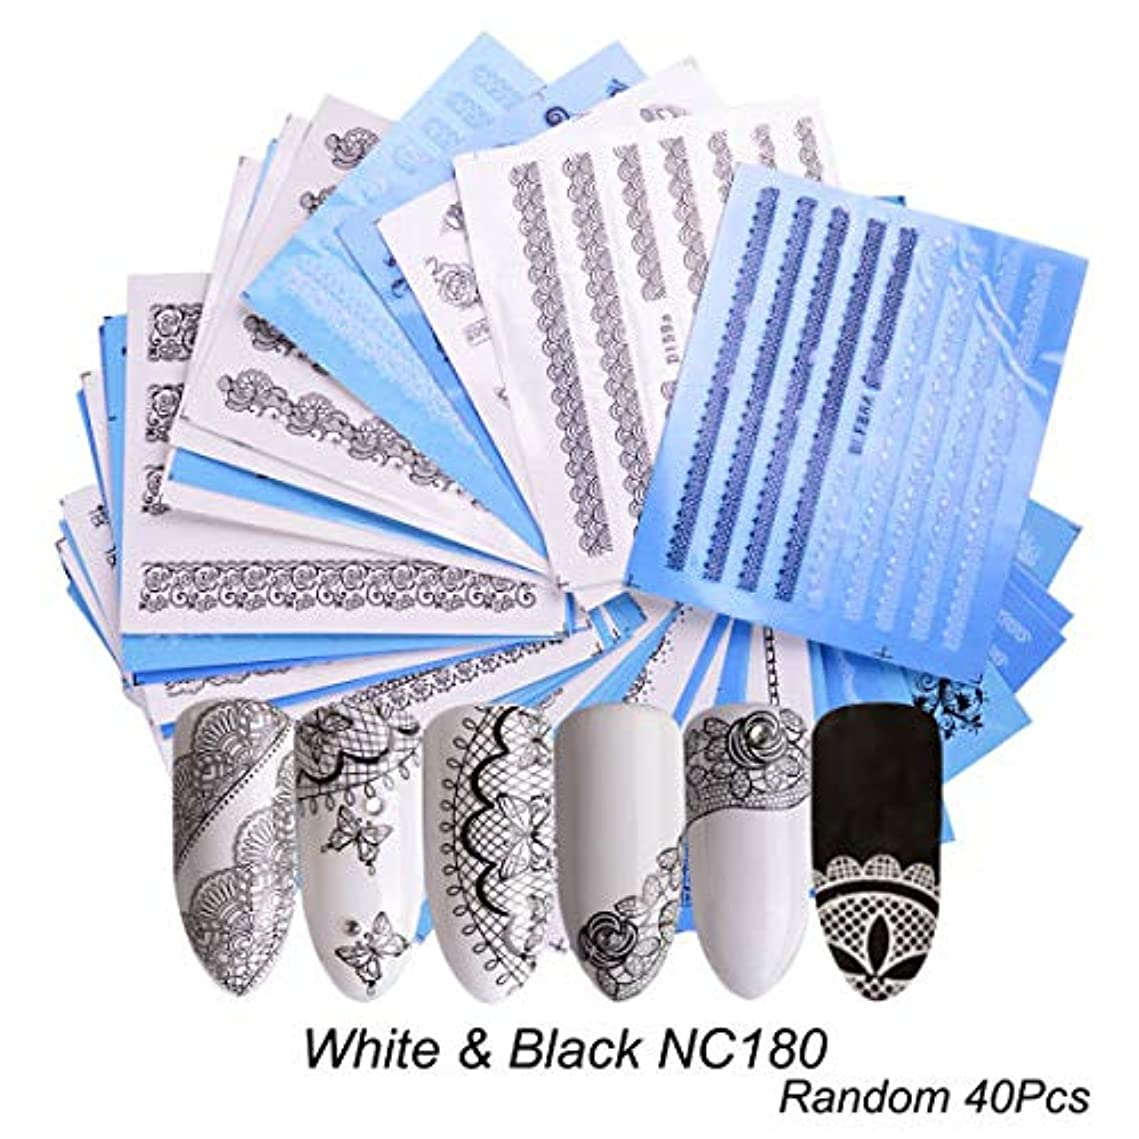 発疹覚醒耐えられない(NC180) 40枚セット黒と白のレースネイルシール ウォーターネイルシール 爪に貼るだけ ネイルデコレーション